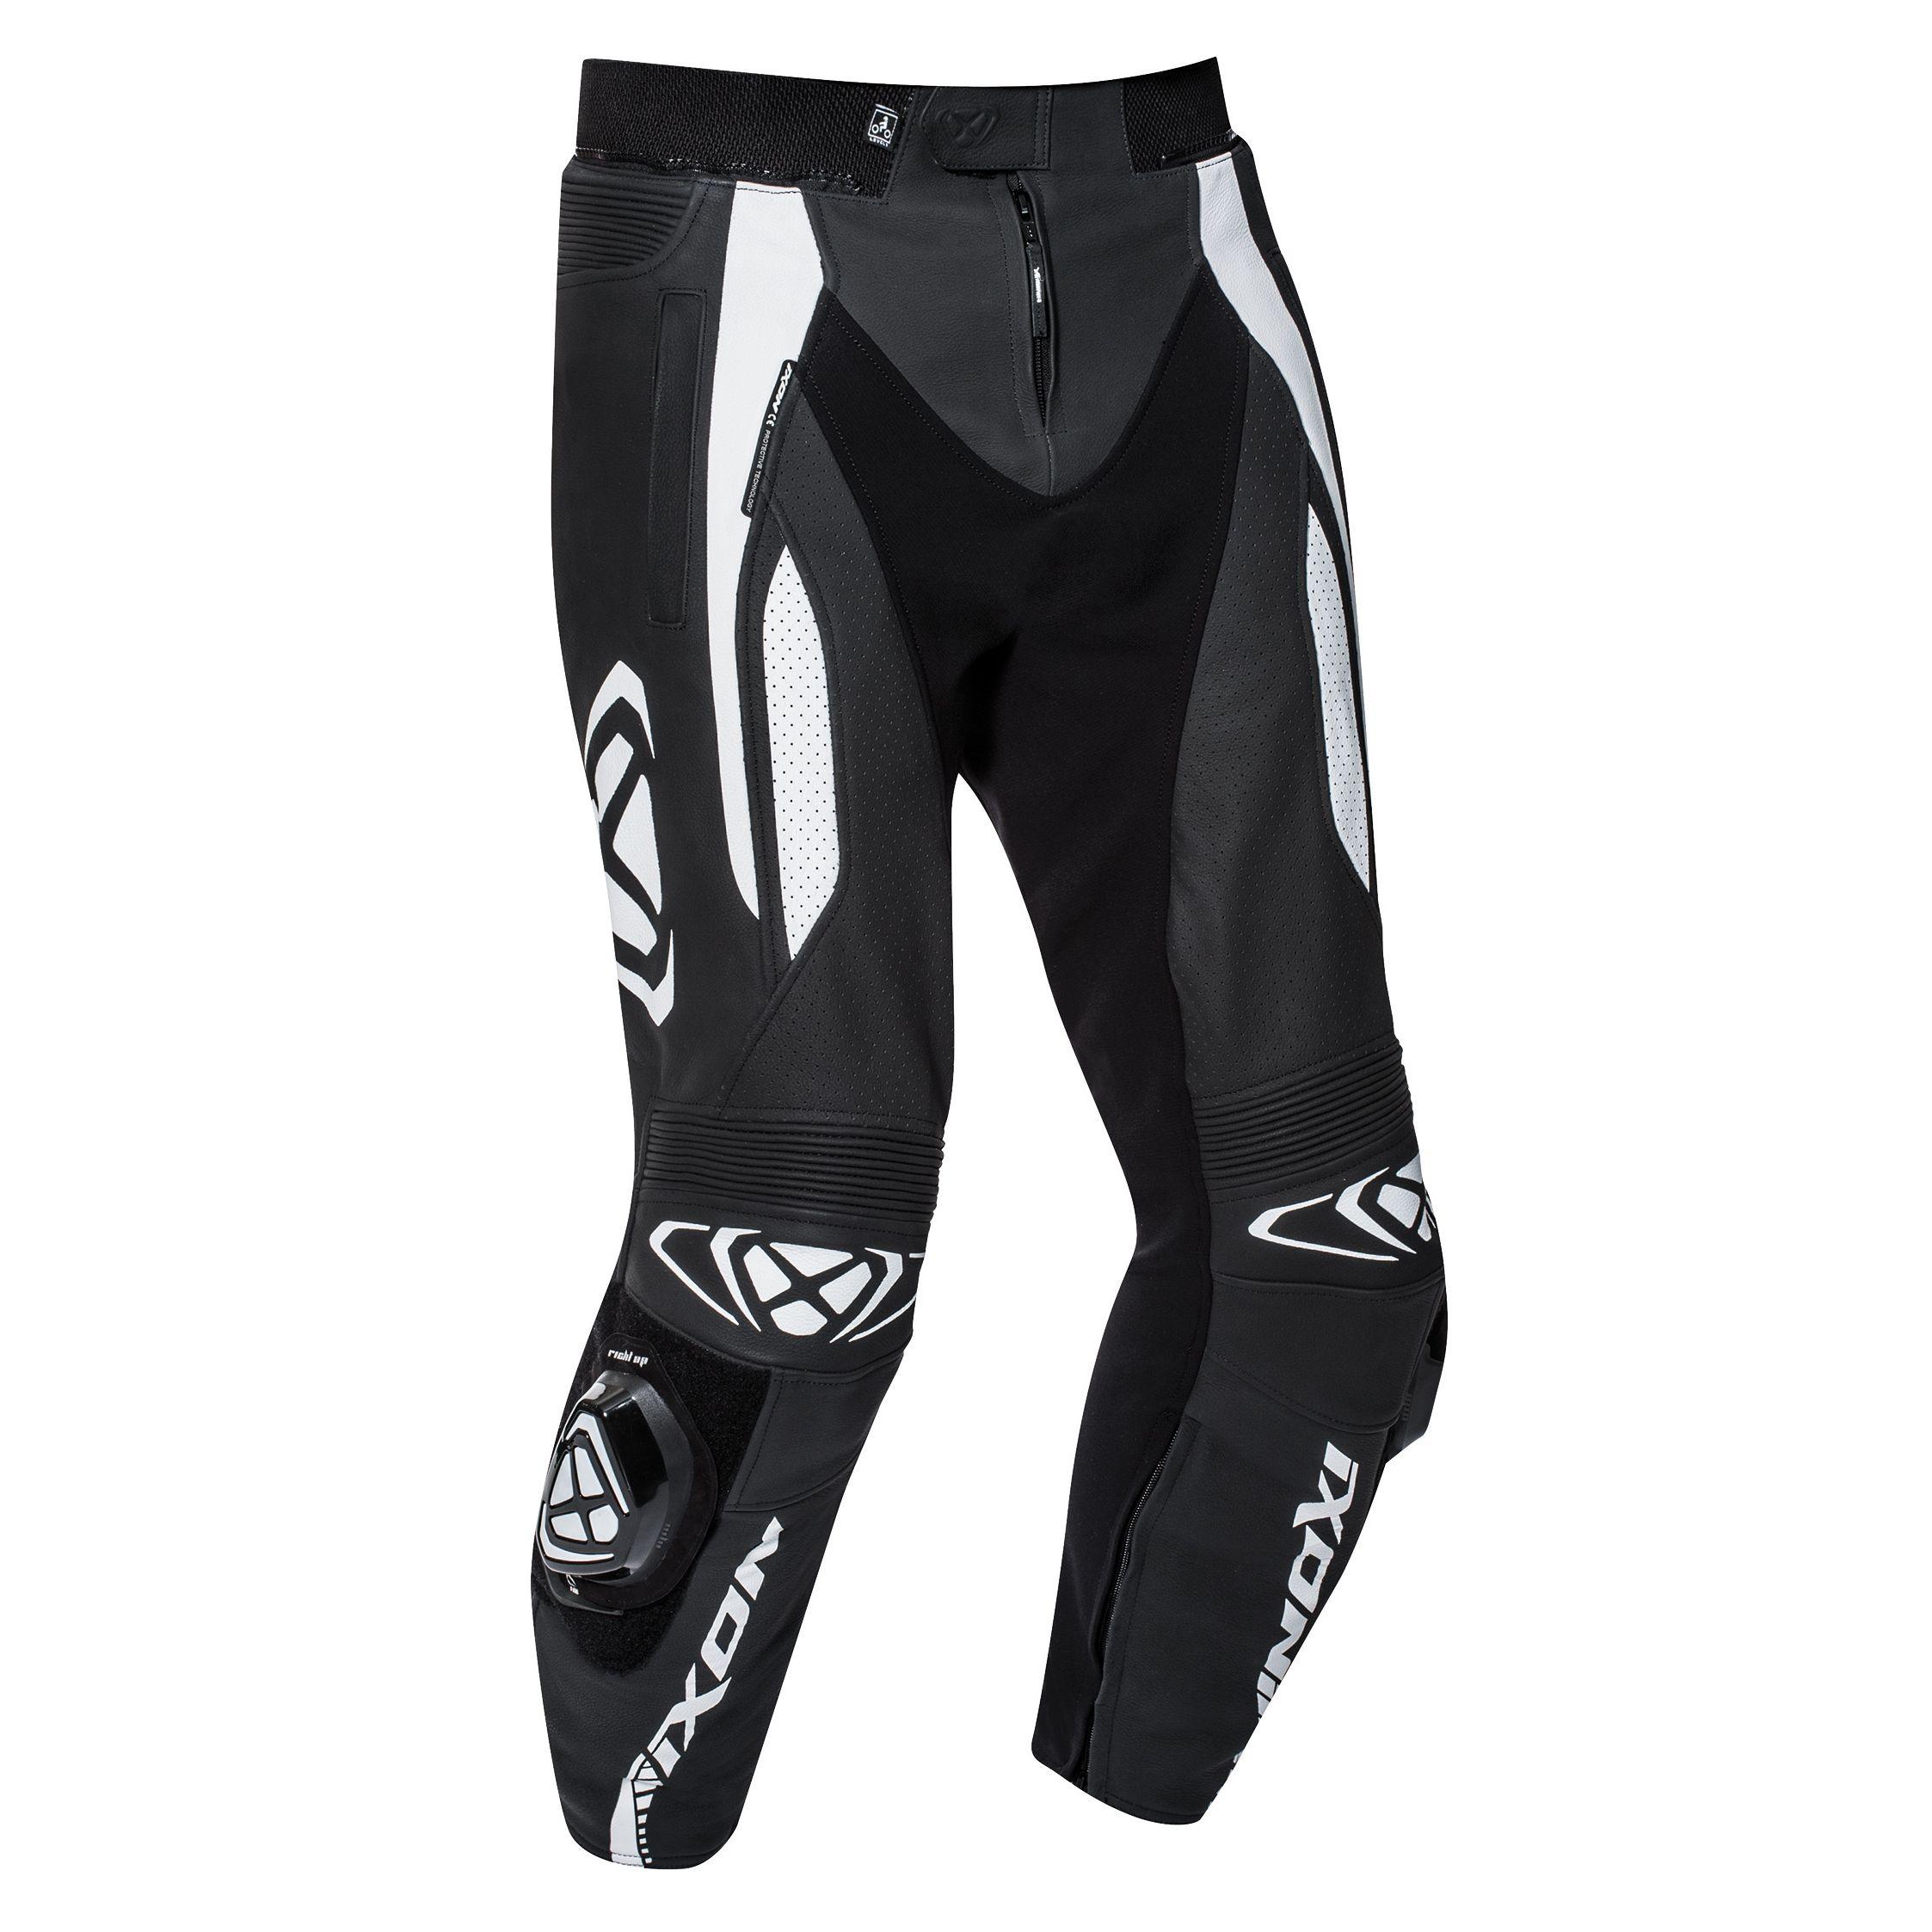 Tutte Le Taglie in Pelle di Vacchetta Pantaloni da Uomo per Motociclismo con saponette